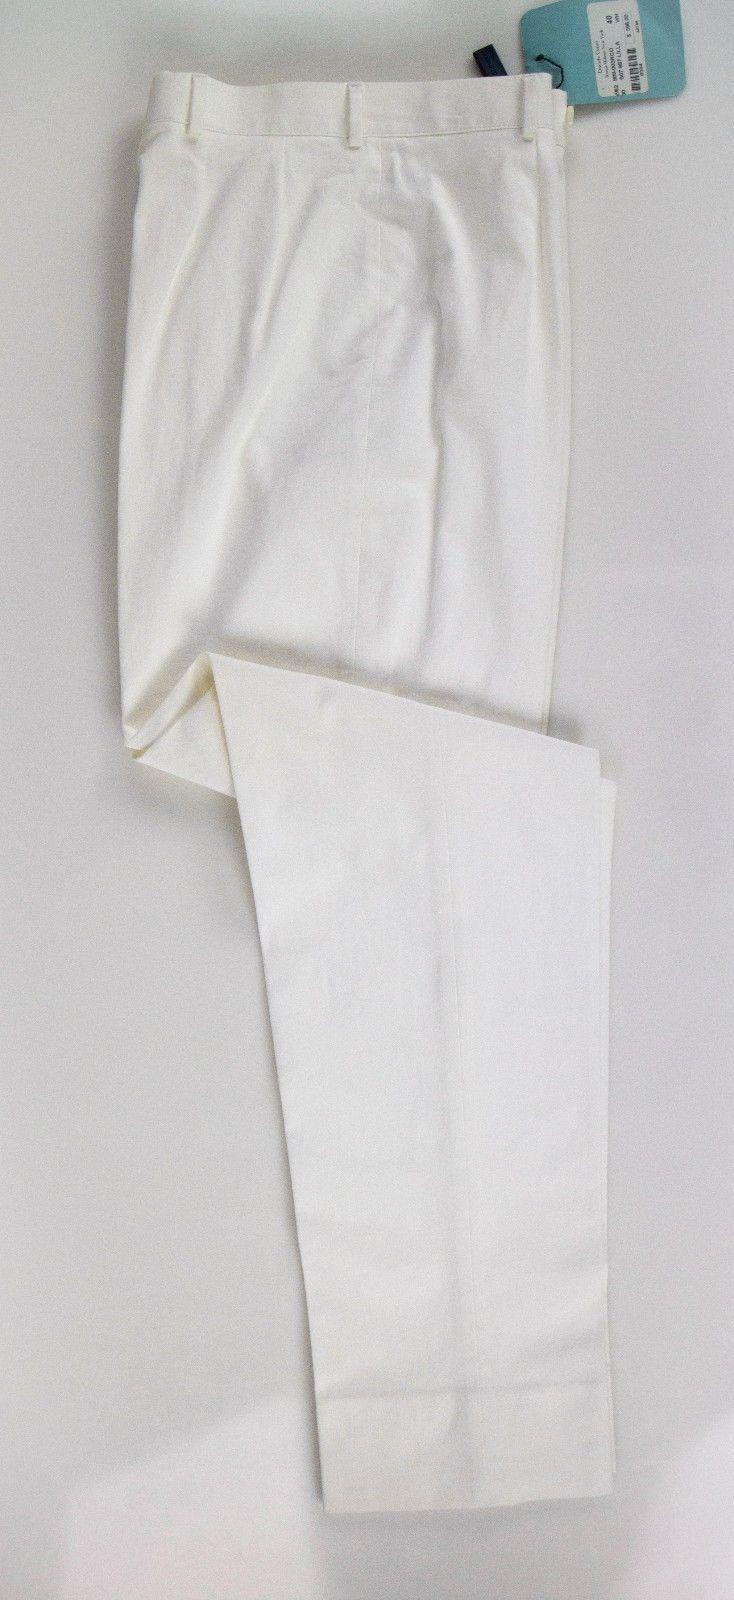 NWT Davide Cenci Women's White Cotton Blend Pants Size 4 40  395